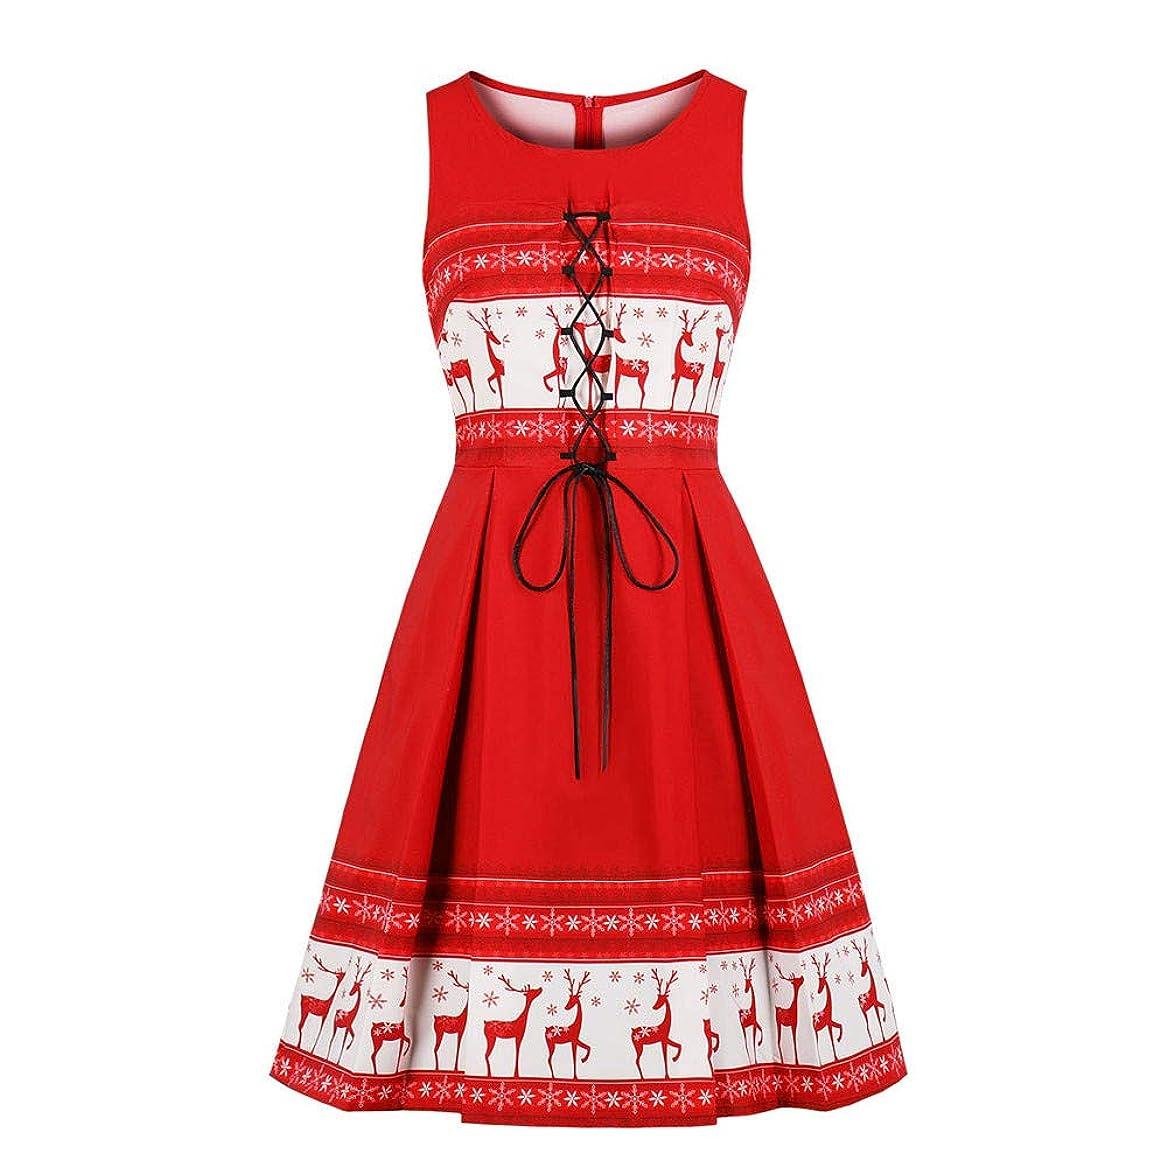 あご超えて神経ワンピース BOBOGOJP 4種類 S?4XL クリスマス スペシャル 女性 レディース ビンテージ アンティーク 華やかな 美しい 主人公 ノースリーブ イブニングパーティー ドレス スイング ドレス